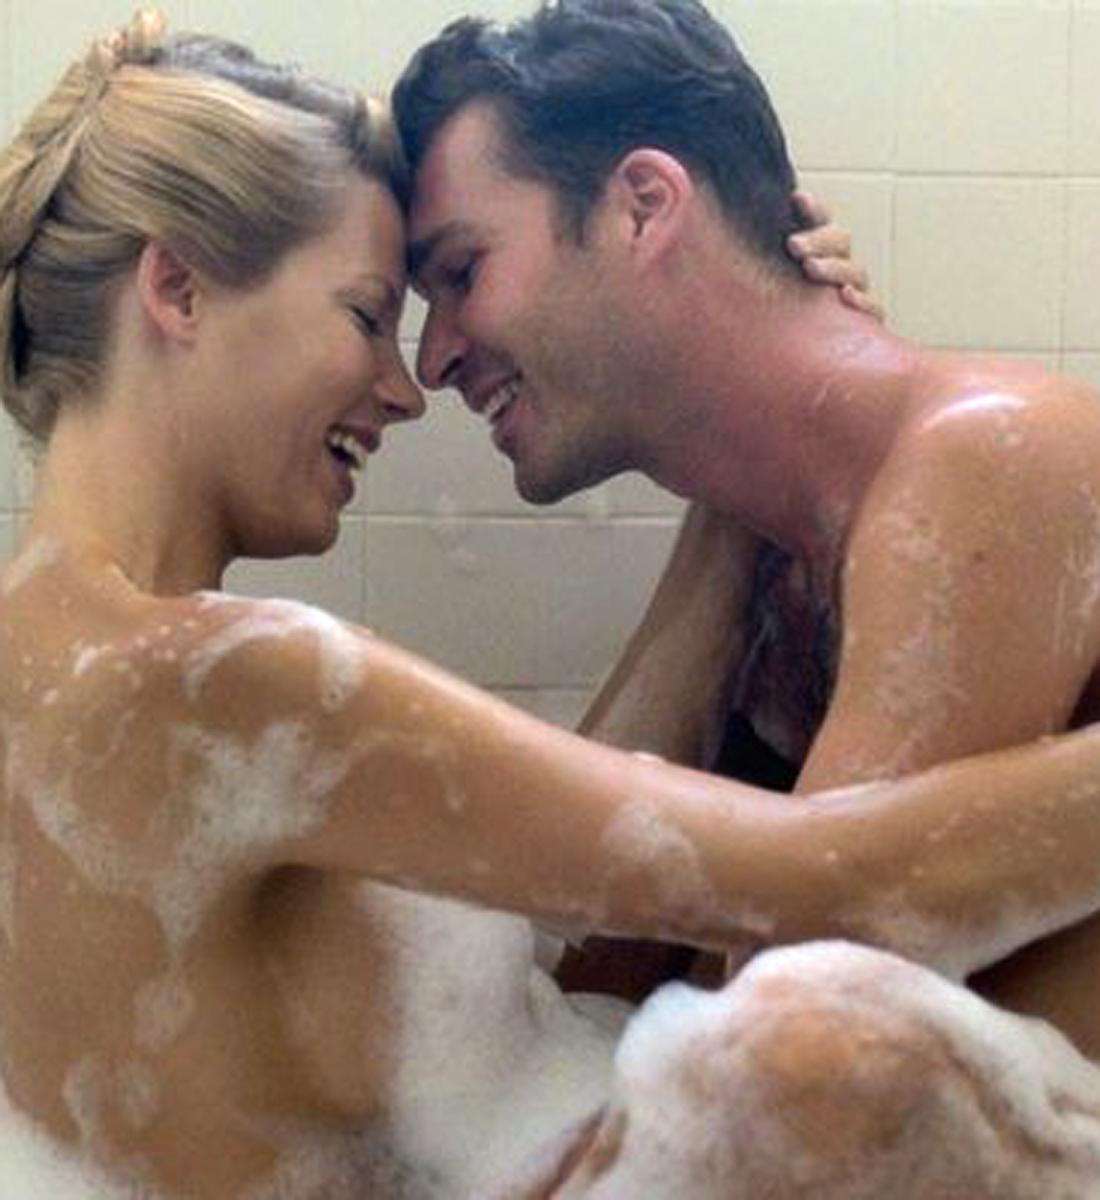 μπάνιο μασάζ σεξ Aisan Teen Porn